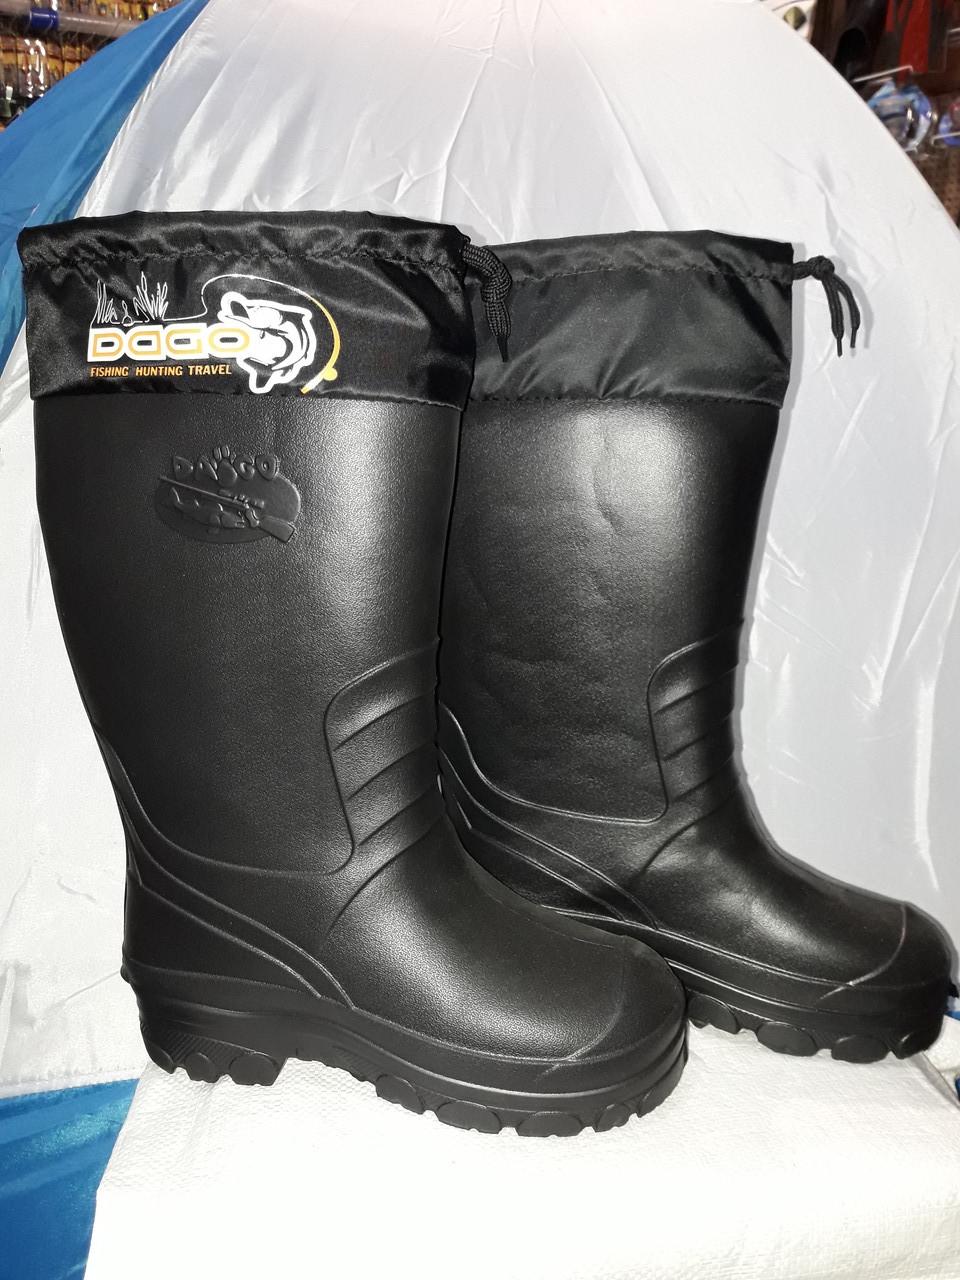 Зимняя обувь для рыбаков и охотников из ЭВА пк 6 умм  (-30)